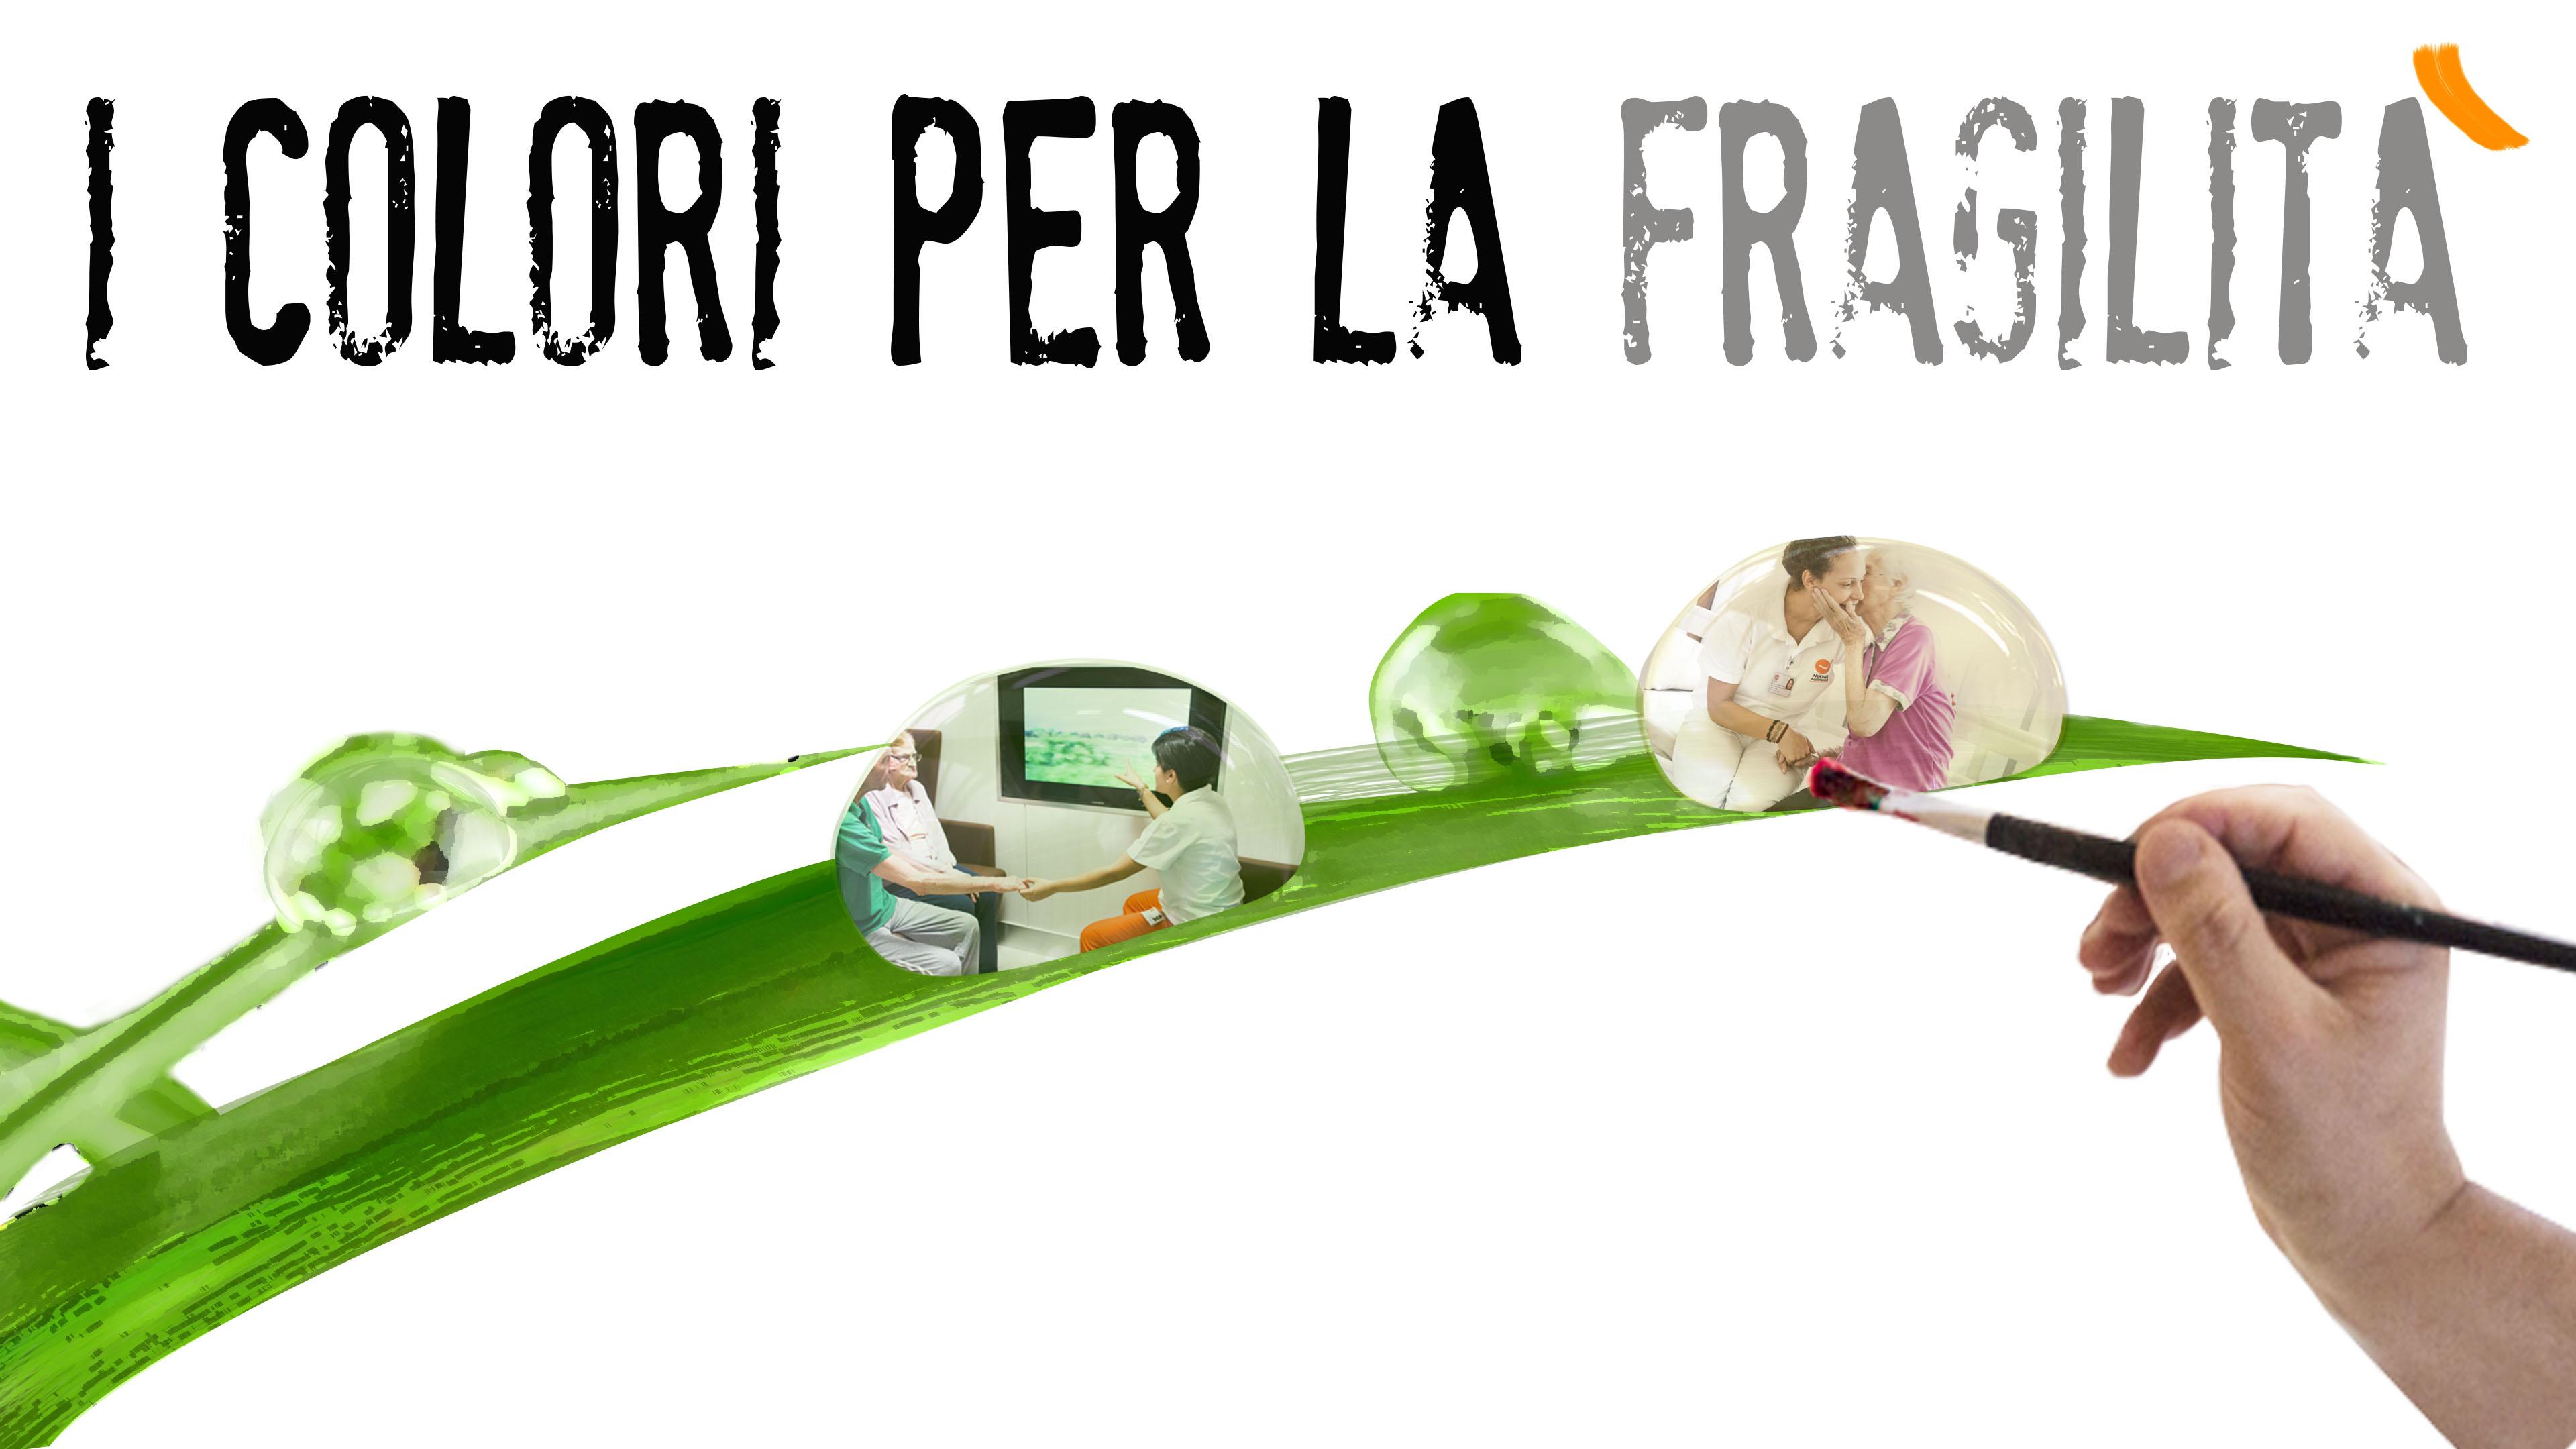 I COLORI PER LA FRAGILITA'